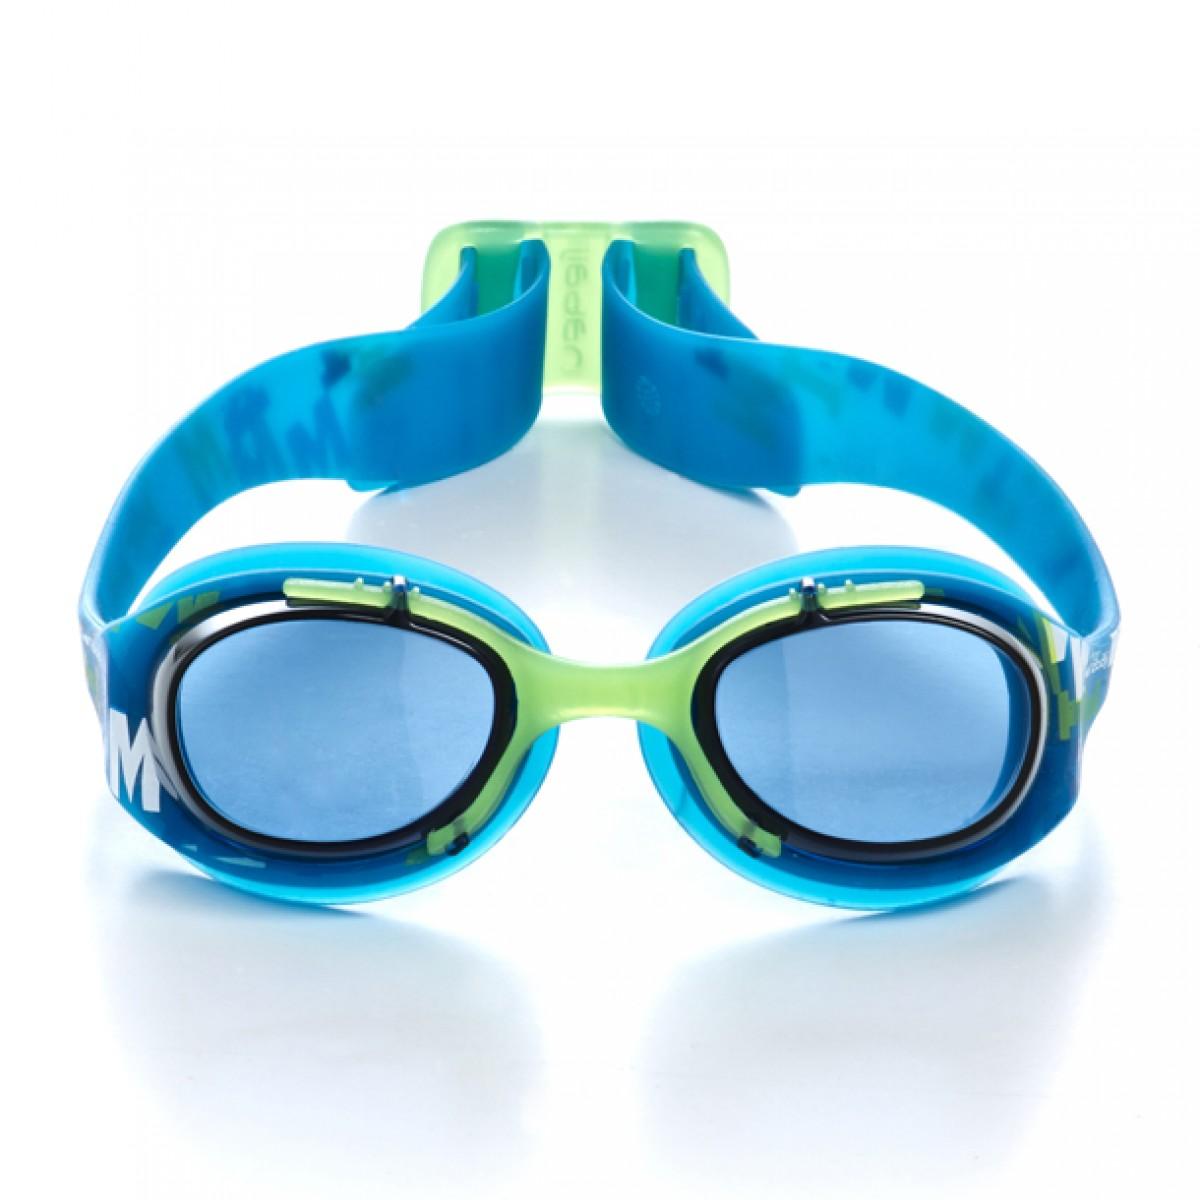 Çocuklarınız İçin Eglenceli, Sportif ve Renkli Ürünler Decathlon'da 31